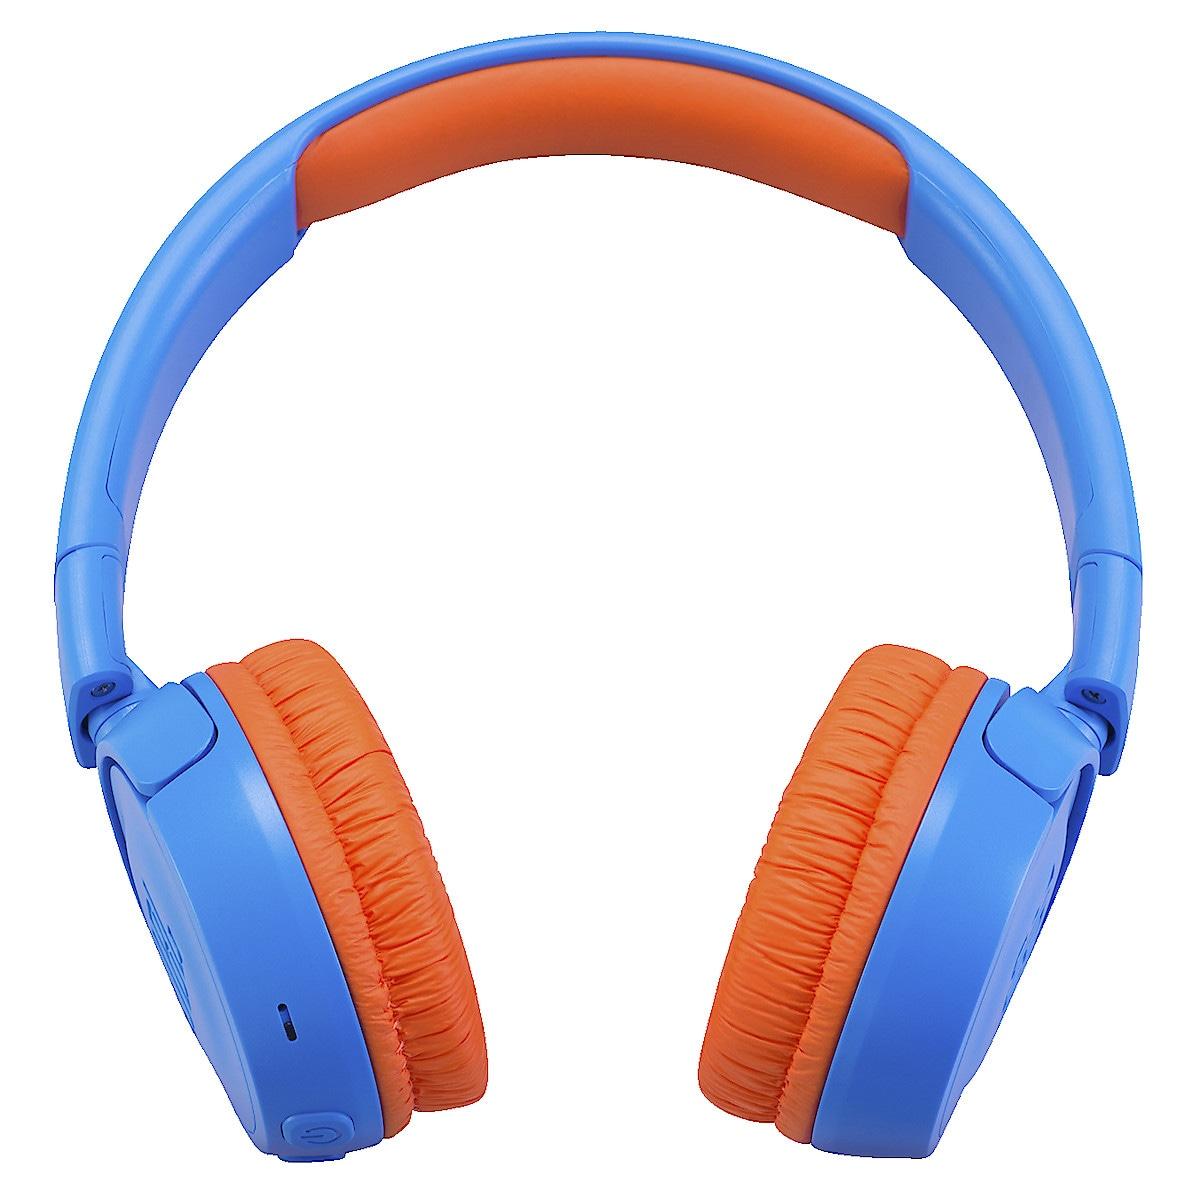 Trådlösa hörlurar för barn JBL JR300BT